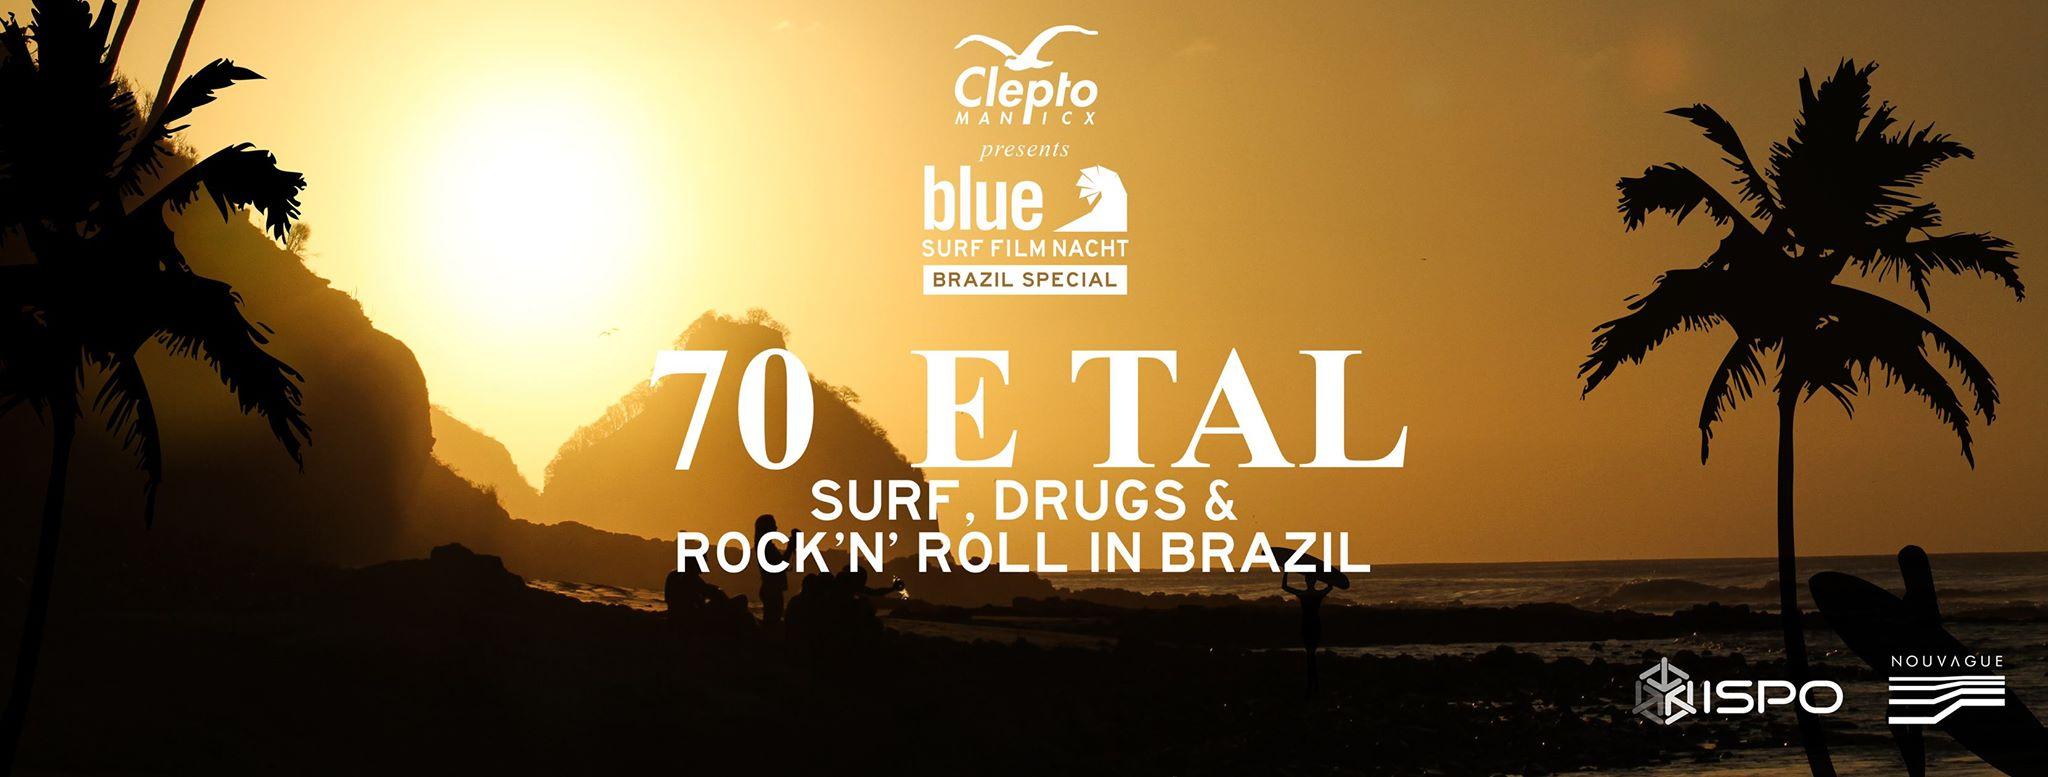 Blue Surf Film Nacht